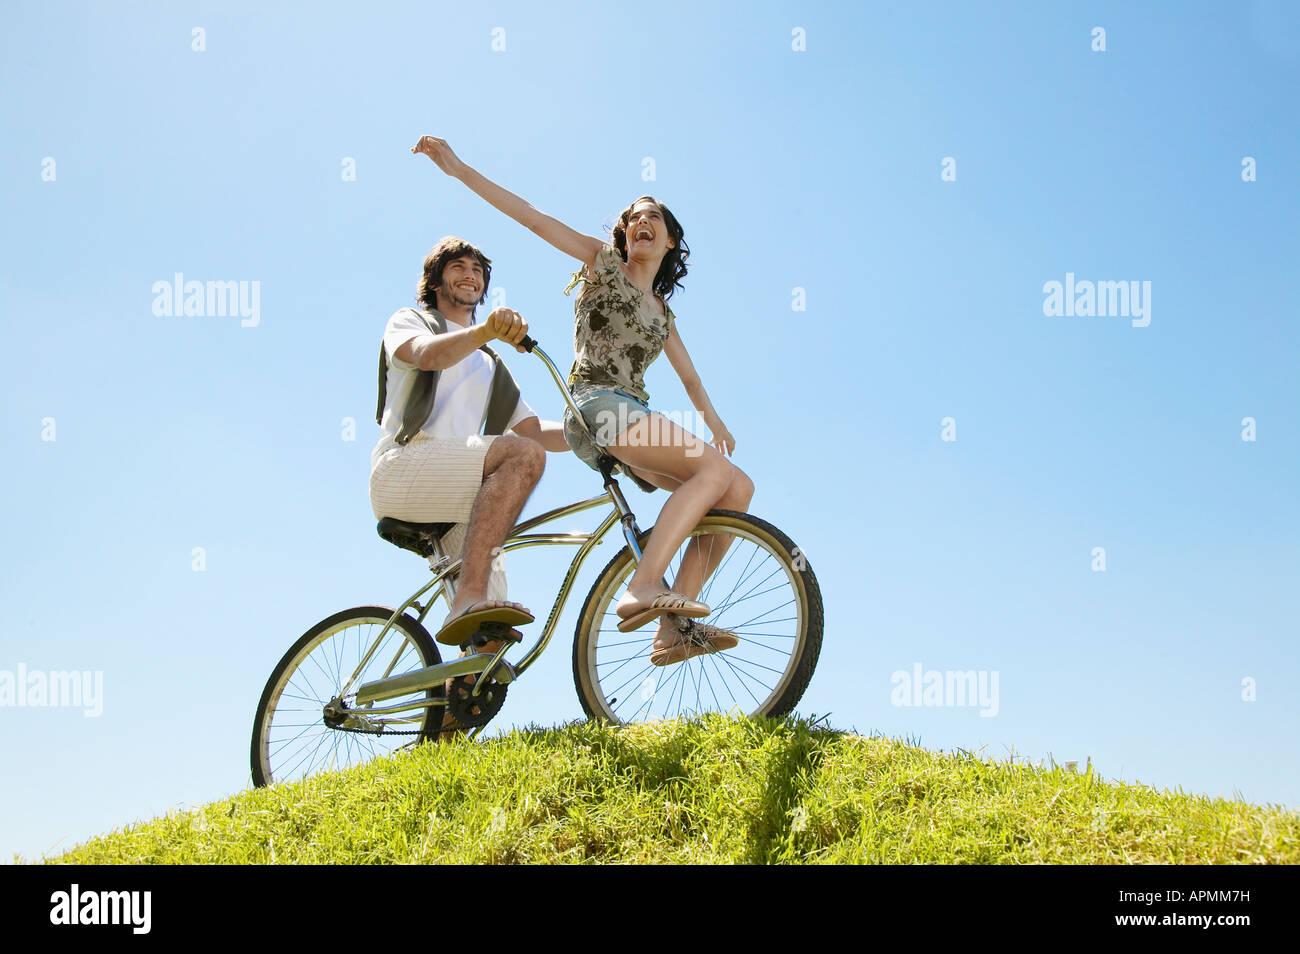 Pareja joven en bicicleta por Hill (ángulo de visión baja) Foto de stock